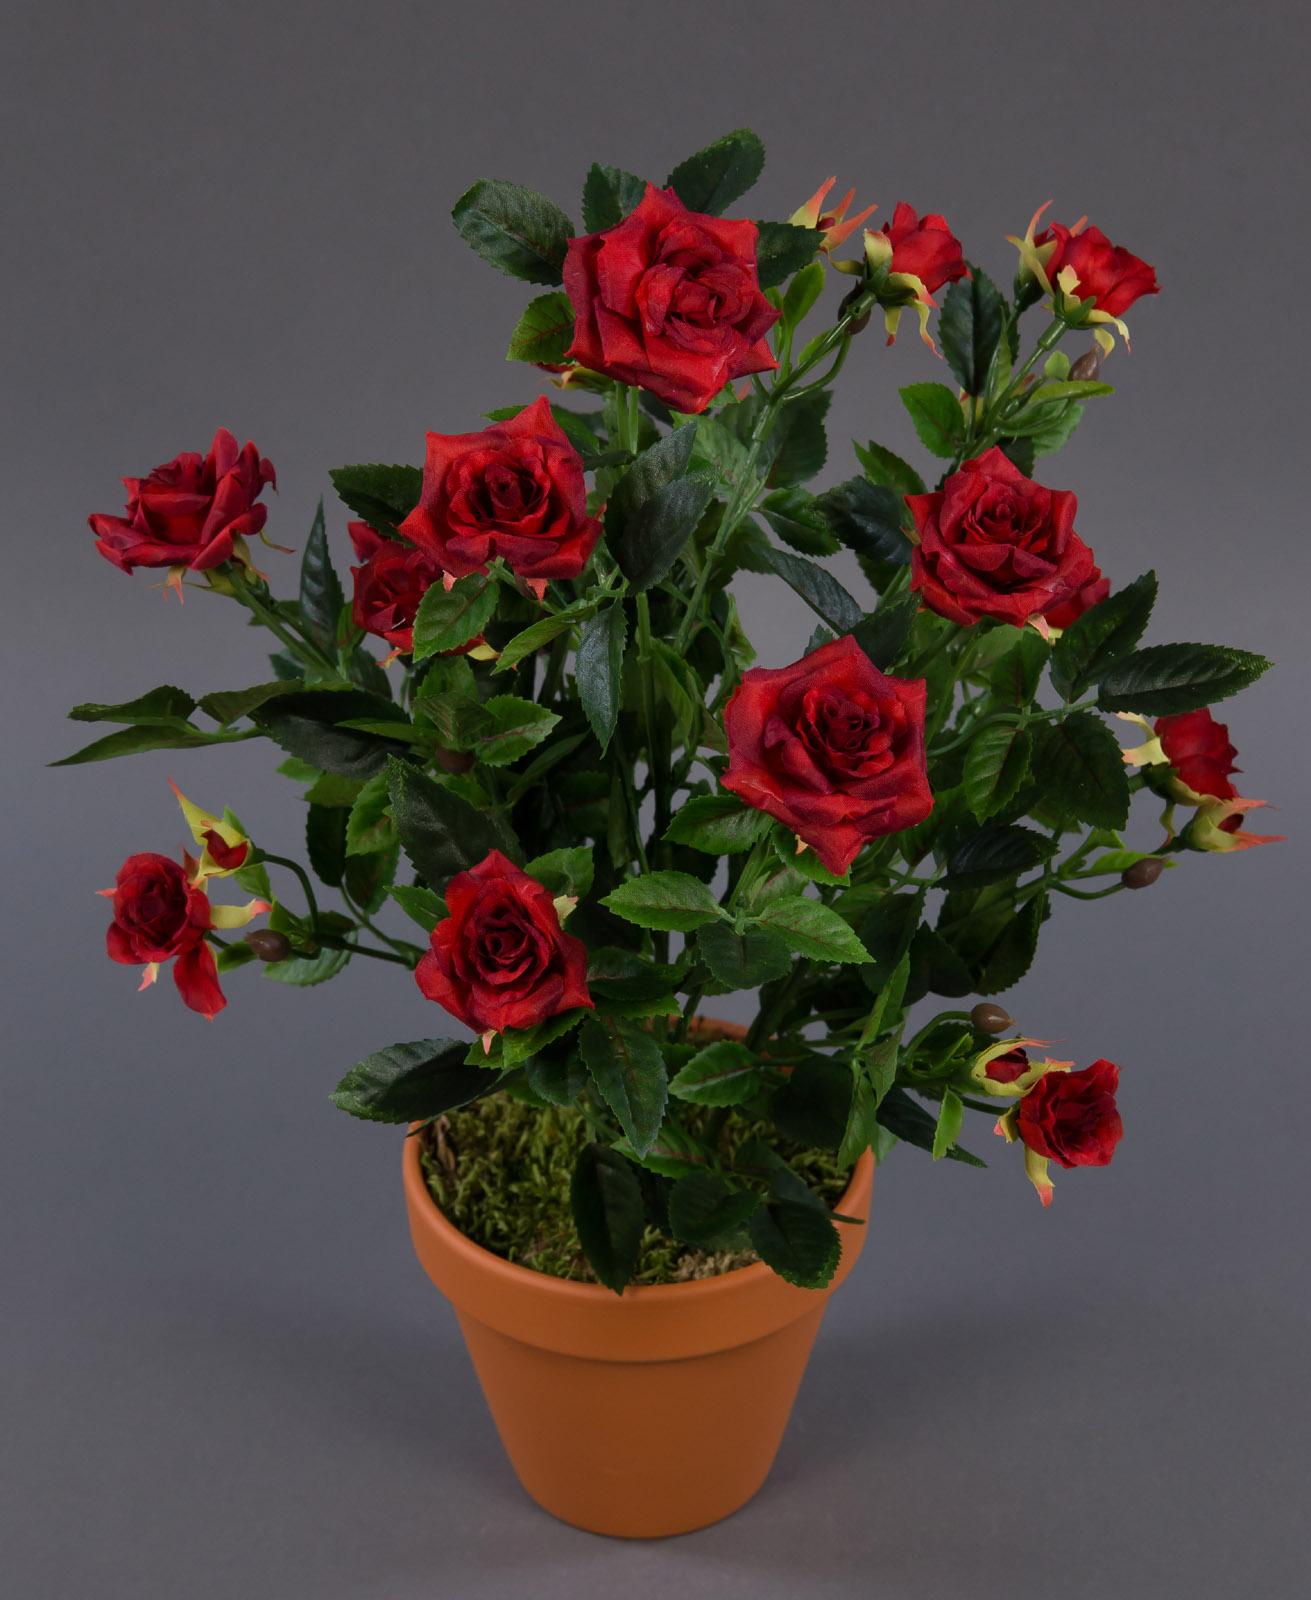 rosenbusch 36cm rot ft kunstpflanzen k nstliche rosen blumen pflanzen. Black Bedroom Furniture Sets. Home Design Ideas